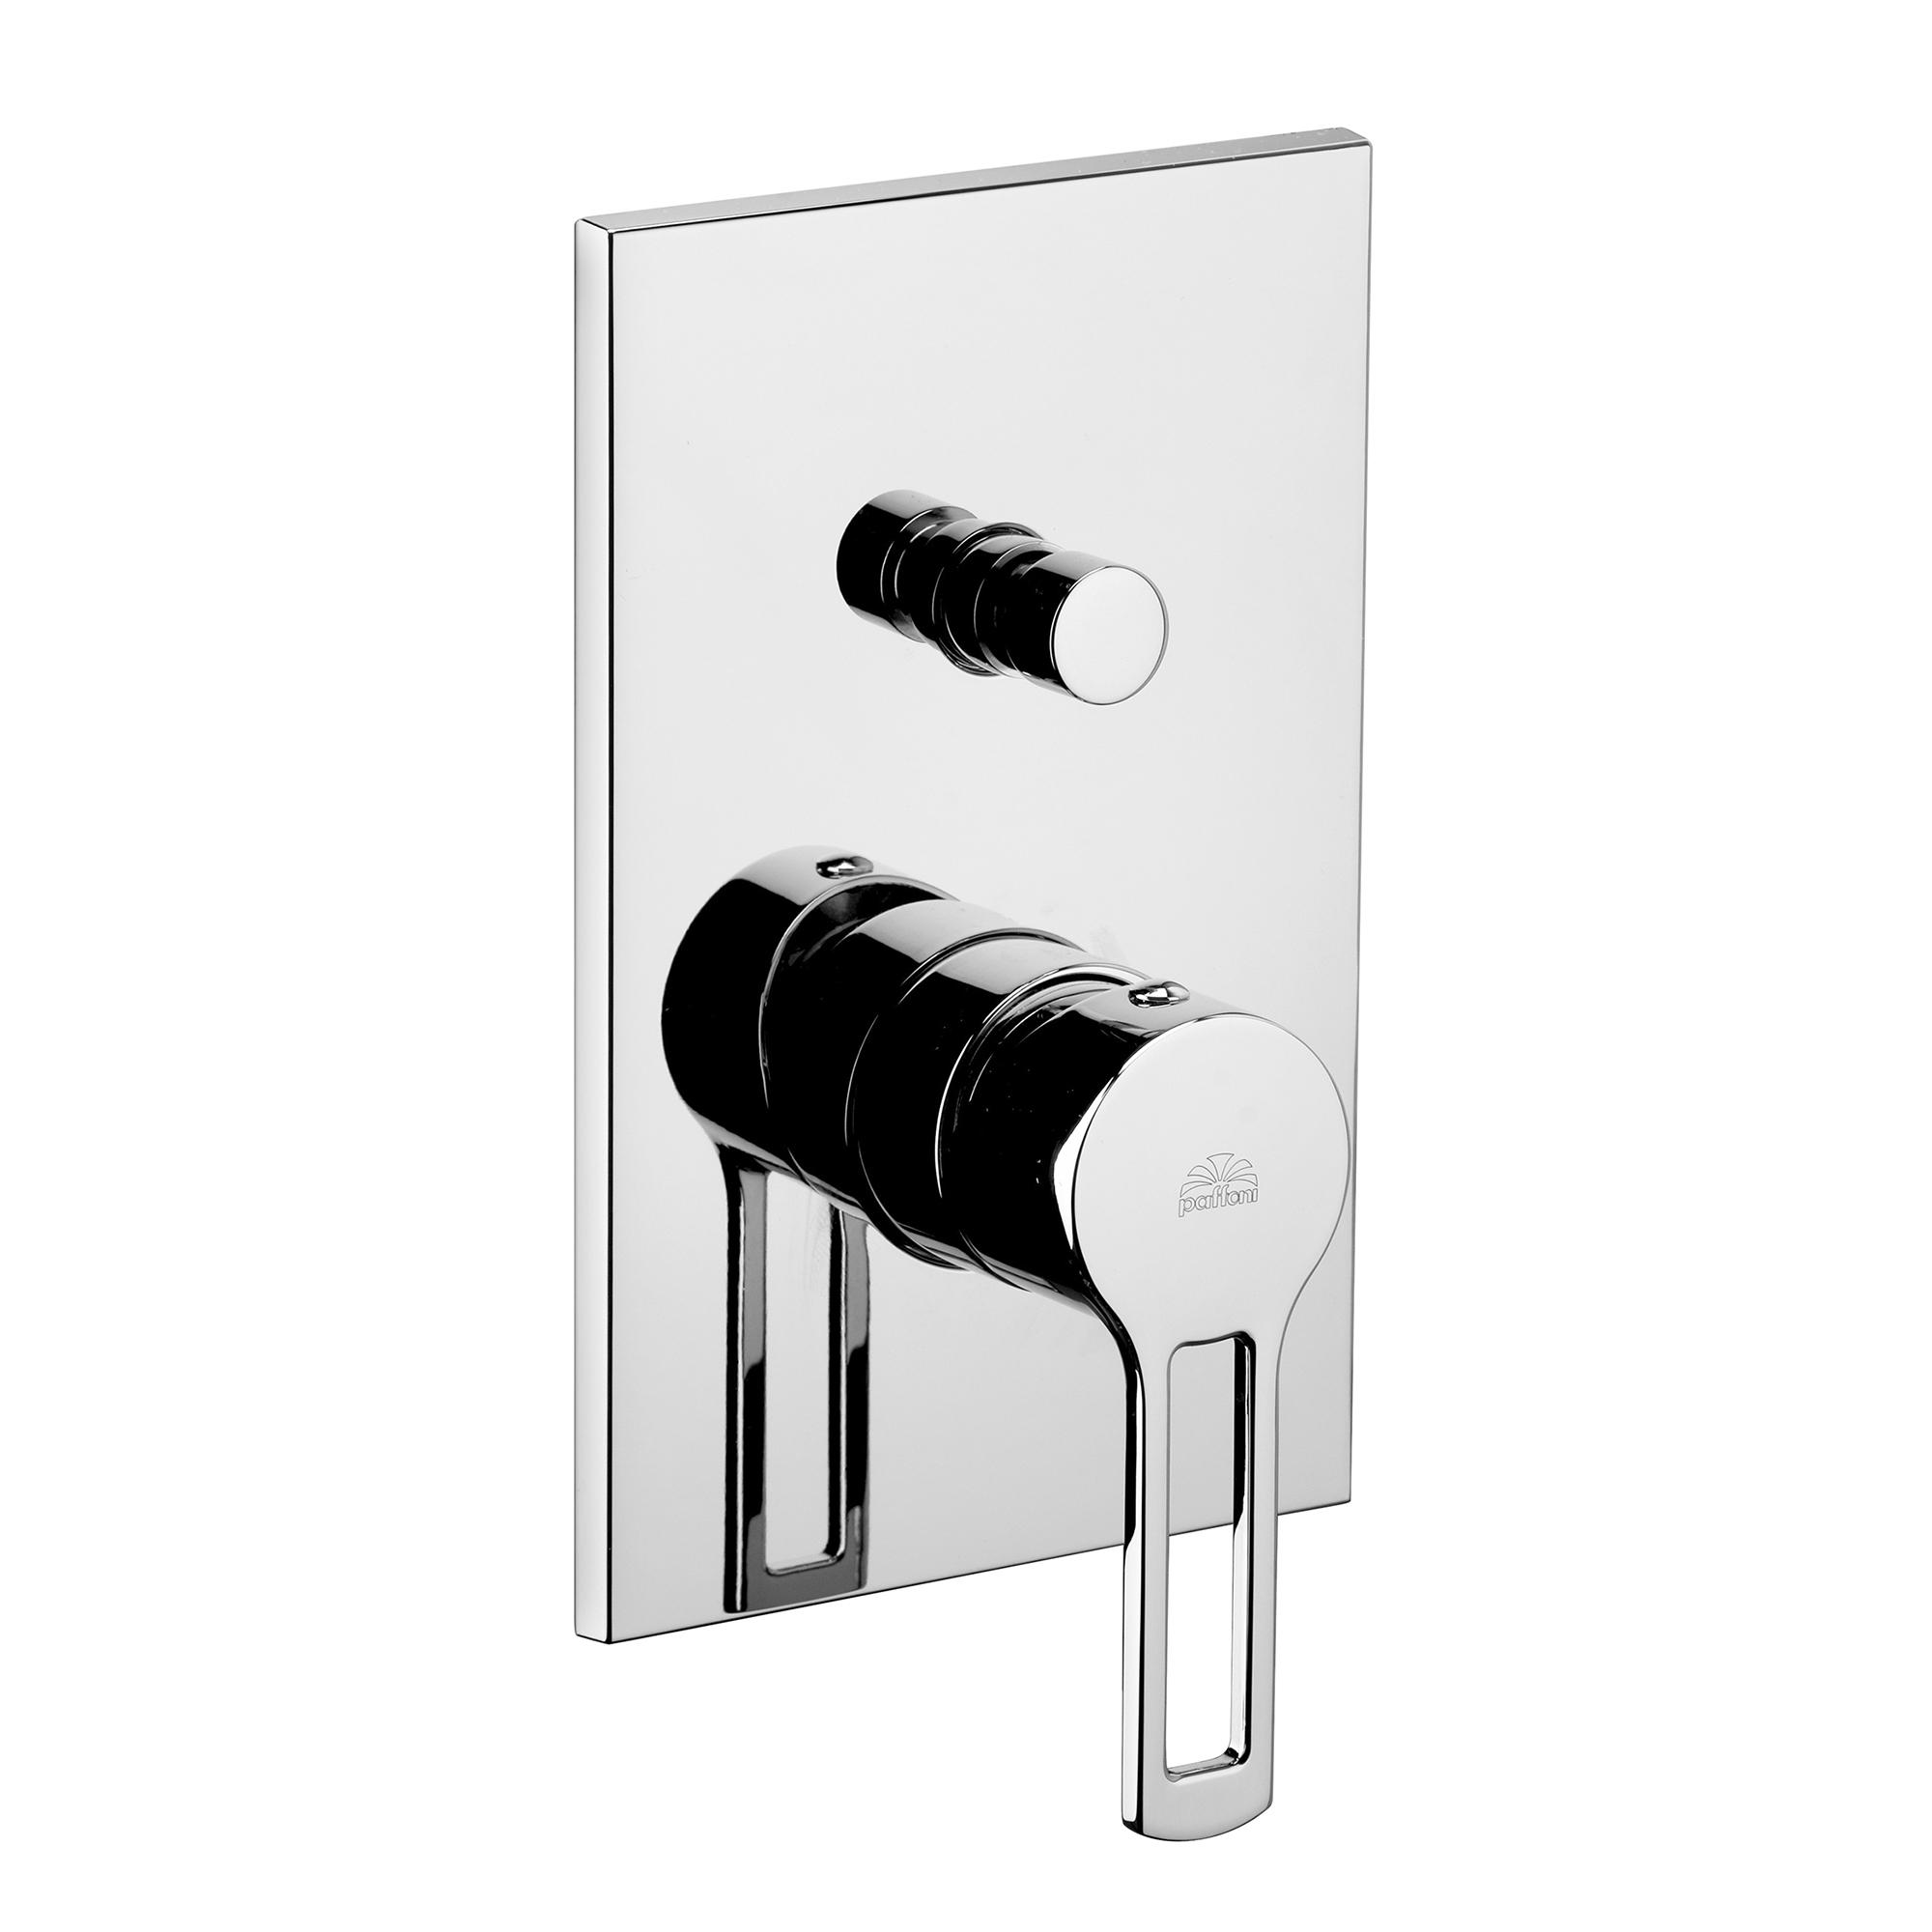 Змішувач для ванни / душа Paffoni Ringo в комплекті з внутрішньою частиною RIN015CR